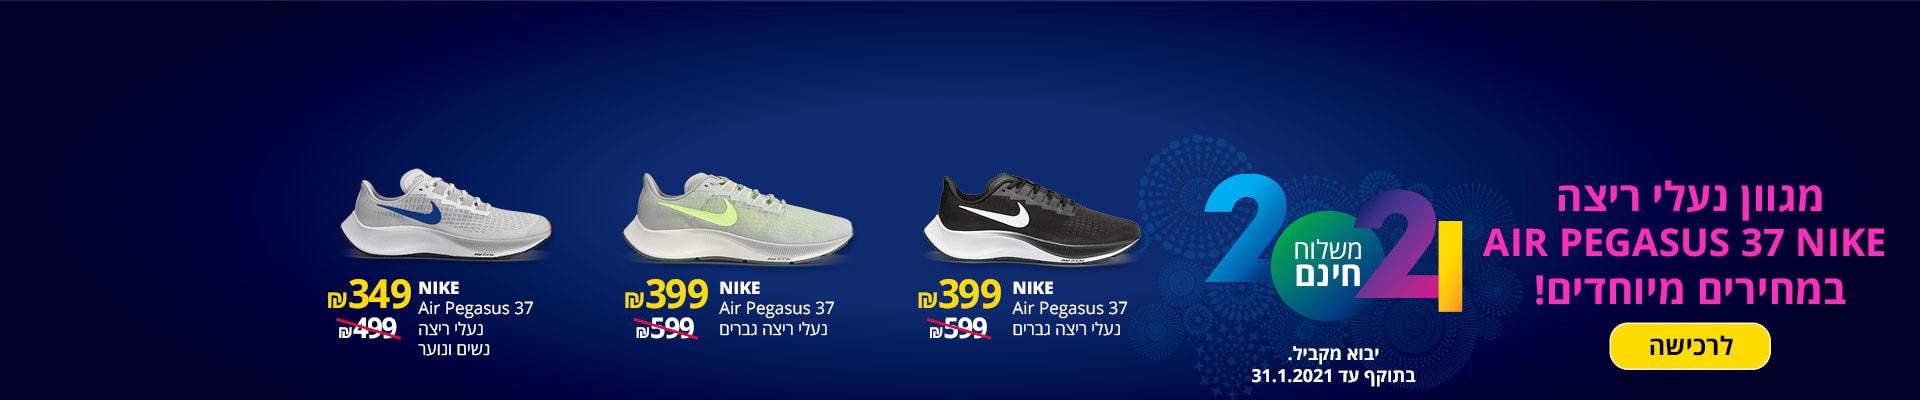 מגוון נעלי ריצה AIR PEGASUS 37 NIKE NIKE AIR PEGASUS 37 נעלי ריצה גברים 399 ₪ , NIKE AIR PEGASUS 37 נעלי ריצה גברים 399 ₪ , NIKE AIR PEGASUS 37 נעלי ריצה נשים ונוער 349 ₪ , משלוח חינם לרכישה בתוקף עד 31.1.2021